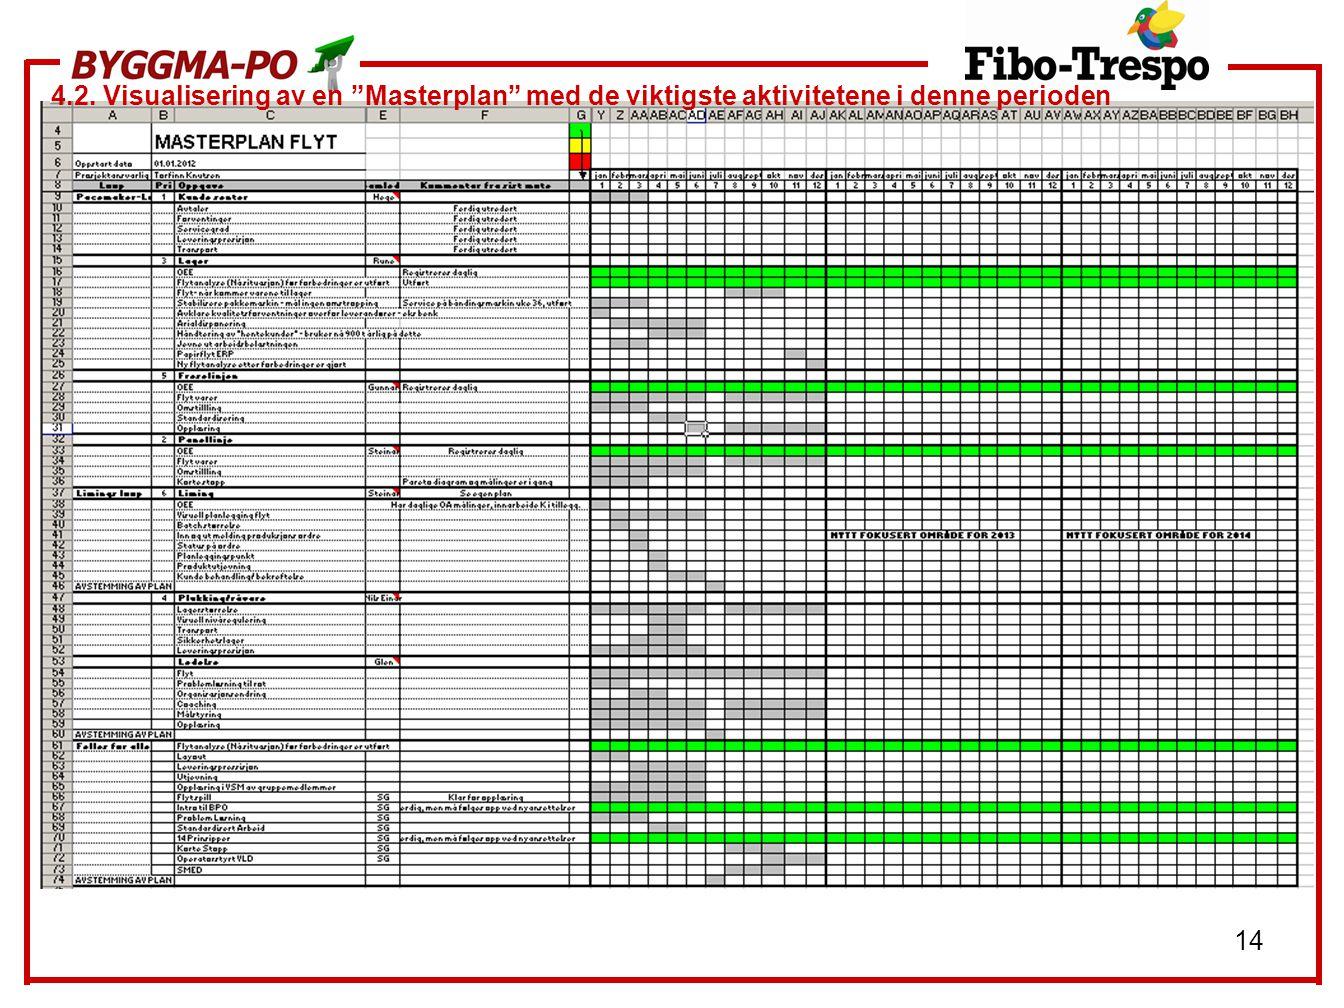 4.2. Visualisering av en Masterplan med de viktigste aktivitetene i denne perioden